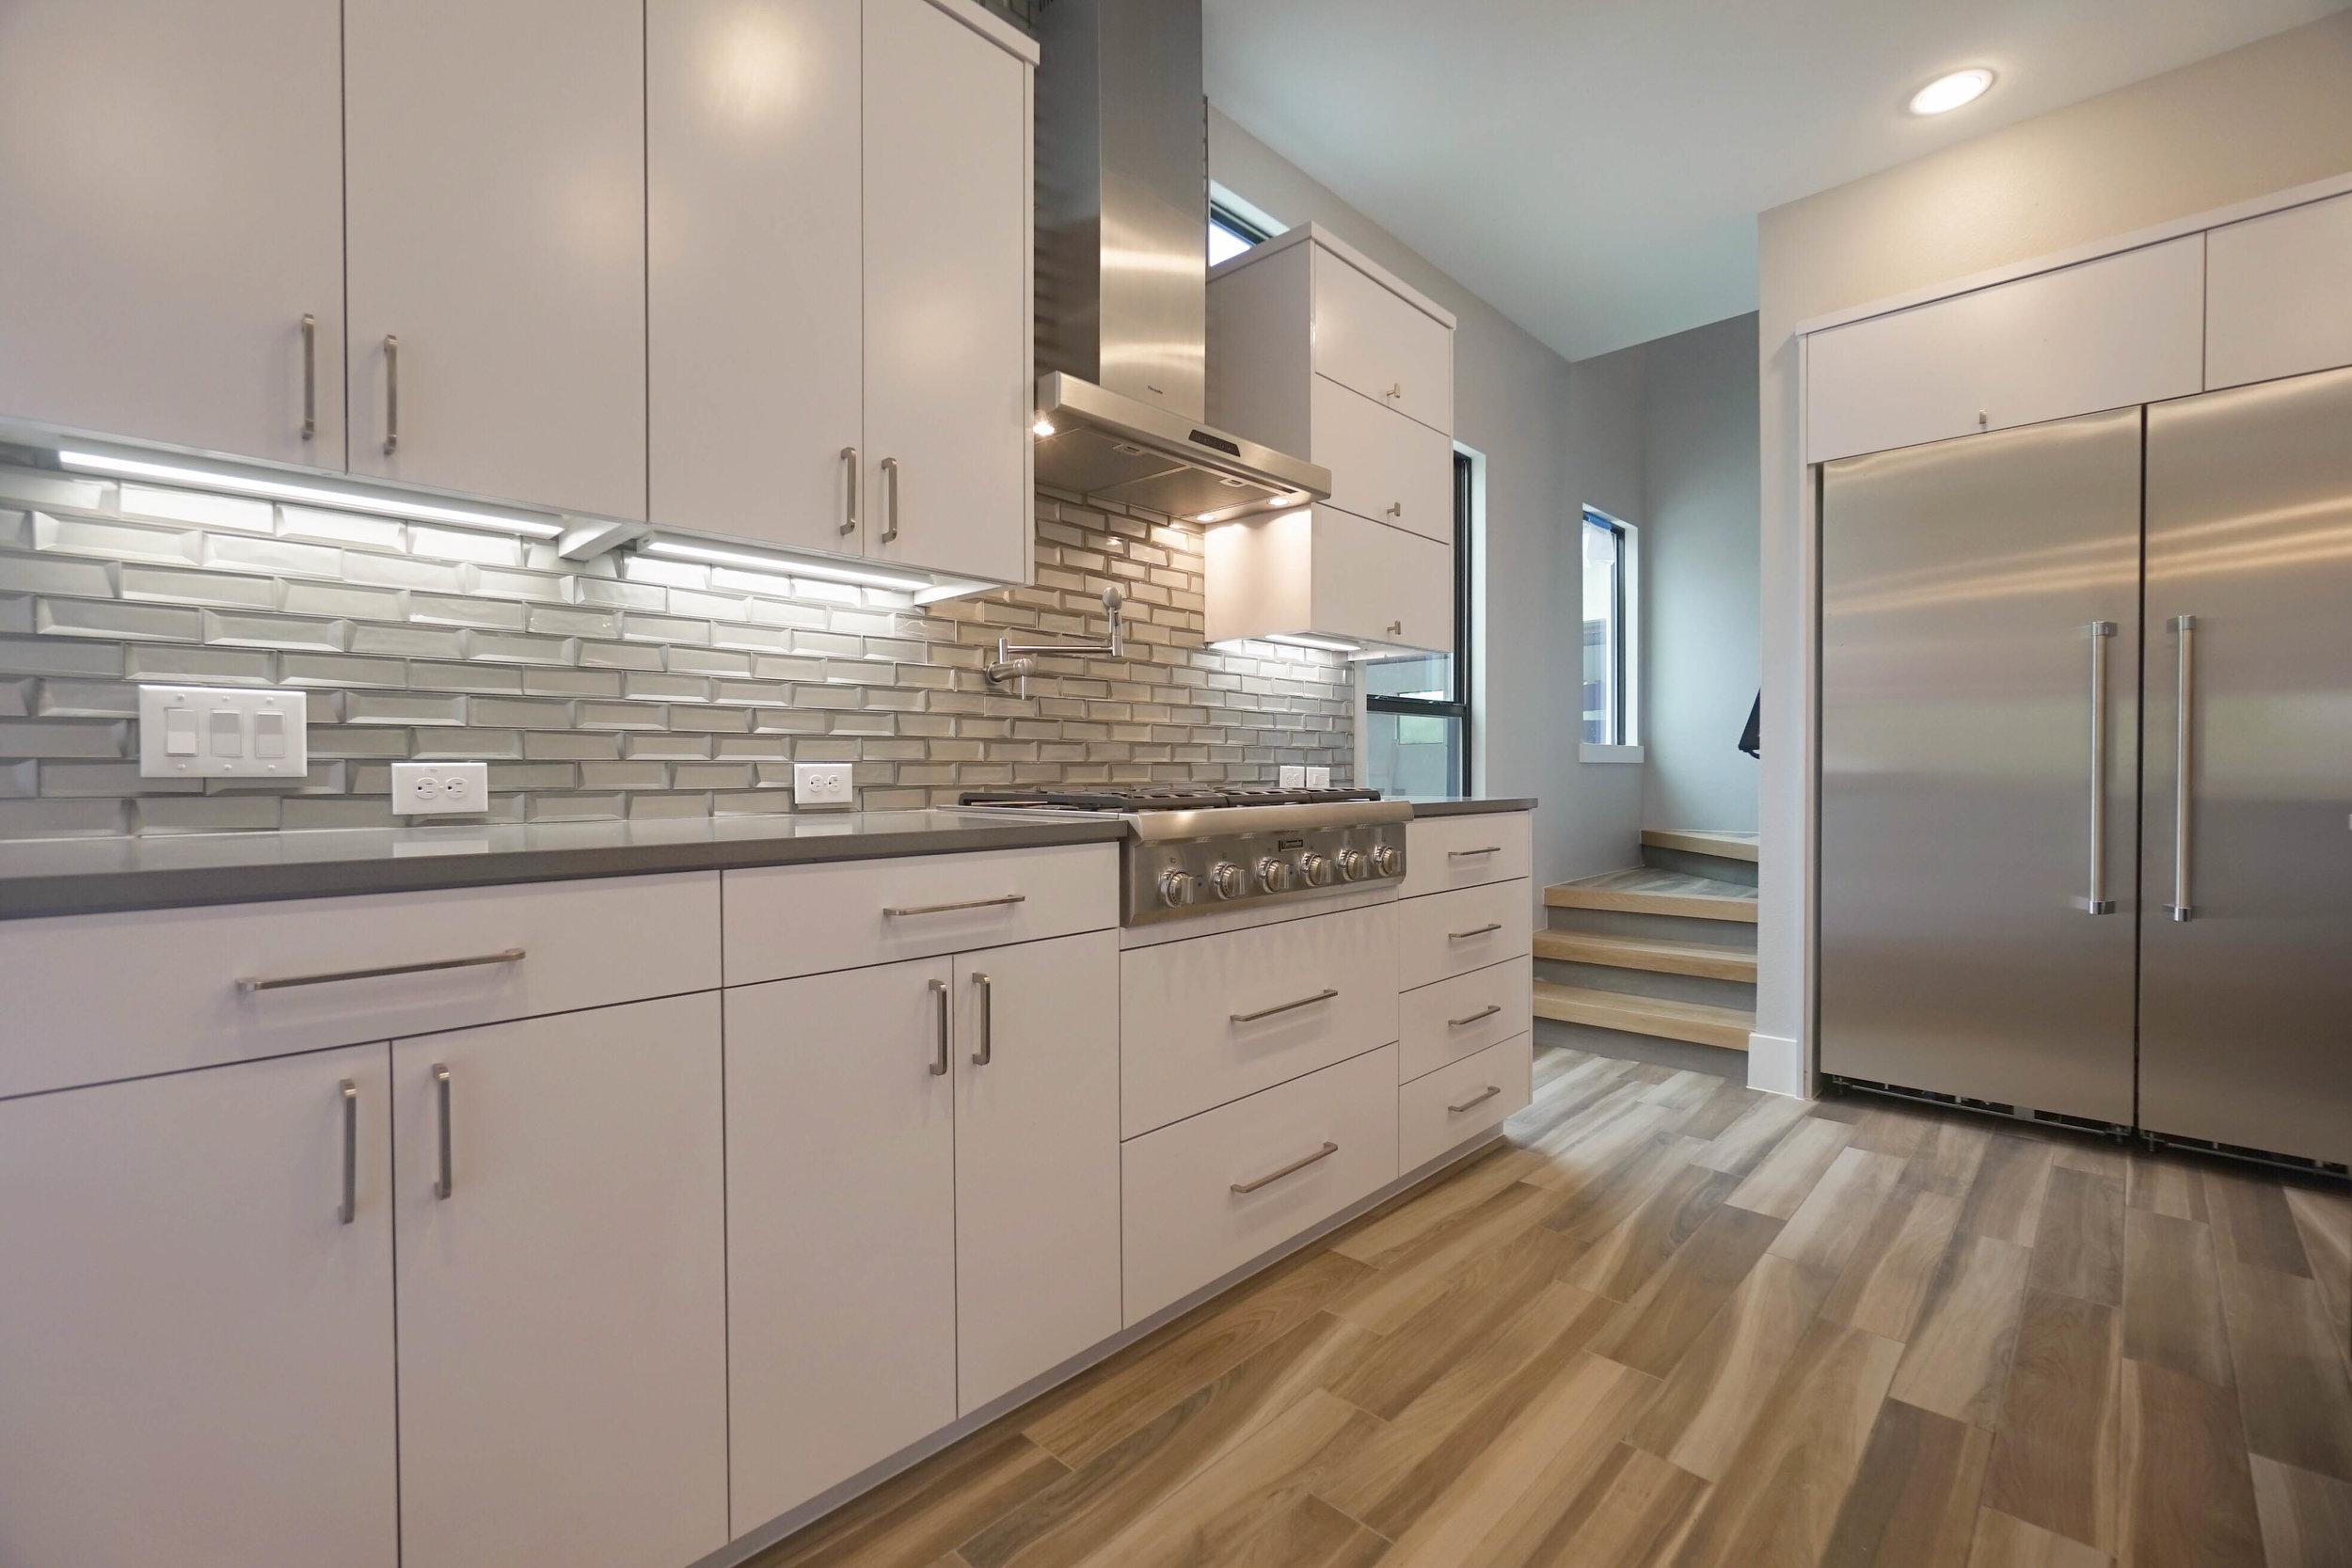 9 Kitchen 3.jpg